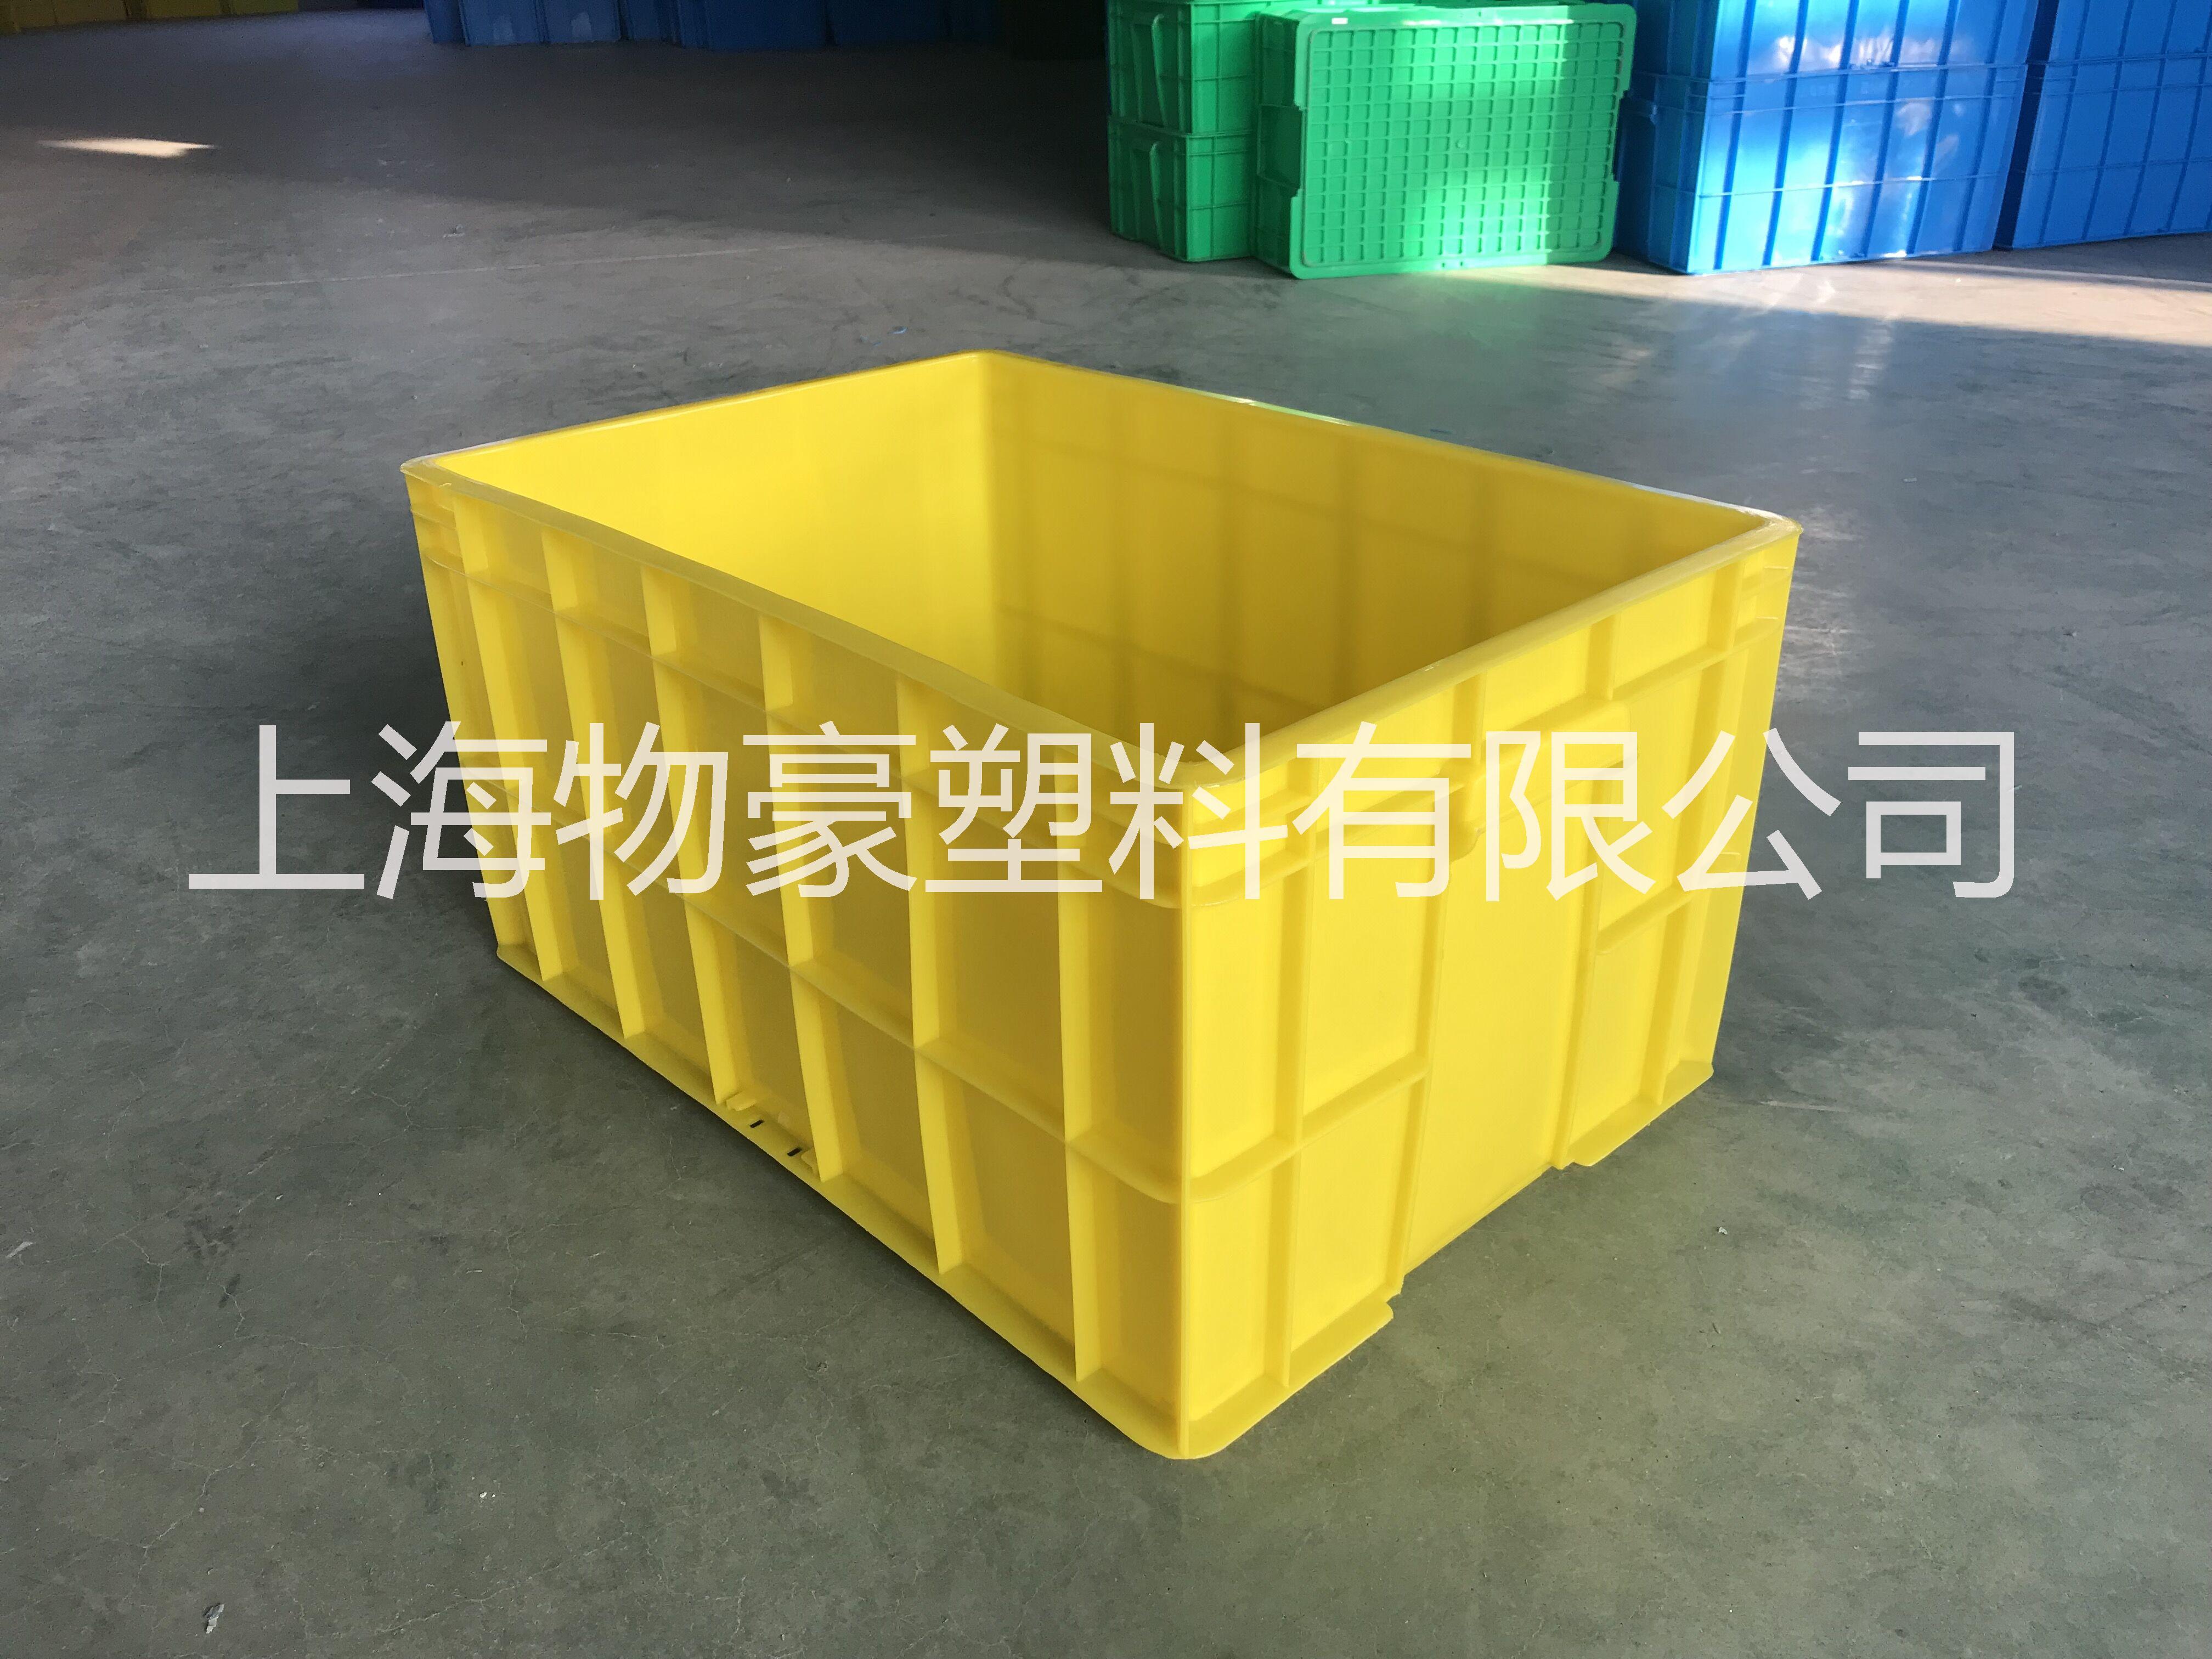 575*塑料周转箱 575*300塑料周转箱 厂家直销食品级塑料箱 全新料周转筐